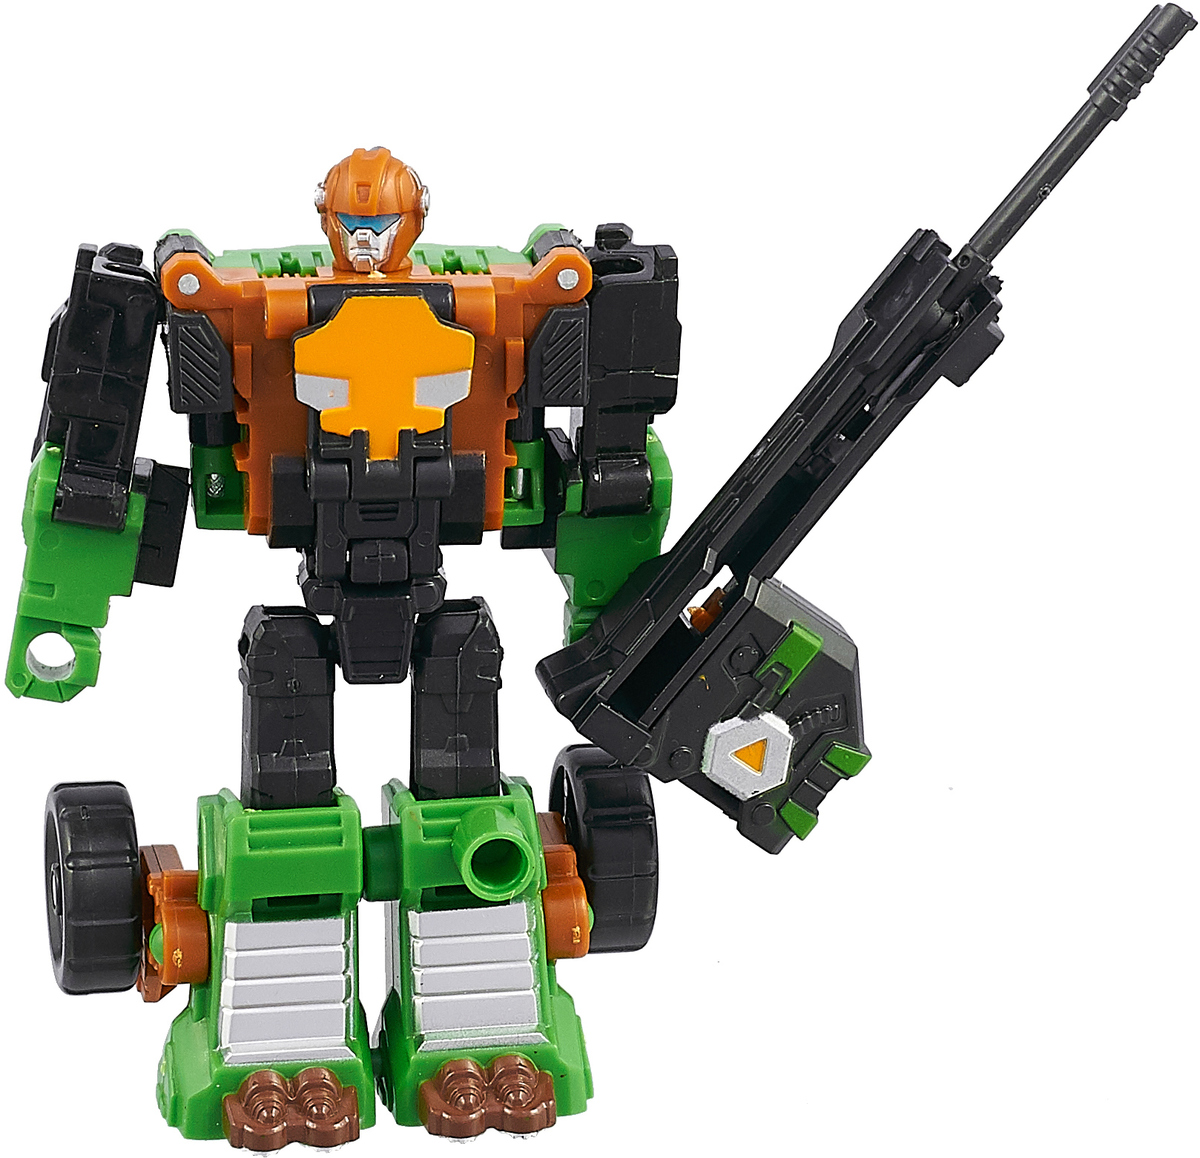 Склад уникальных товаров Робот-трансформер Багги с Пушкой M цвет черный зеленый коричневый склад уникальных товаров робот трансформер багги с пушкой m цвет черный зеленый коричневый